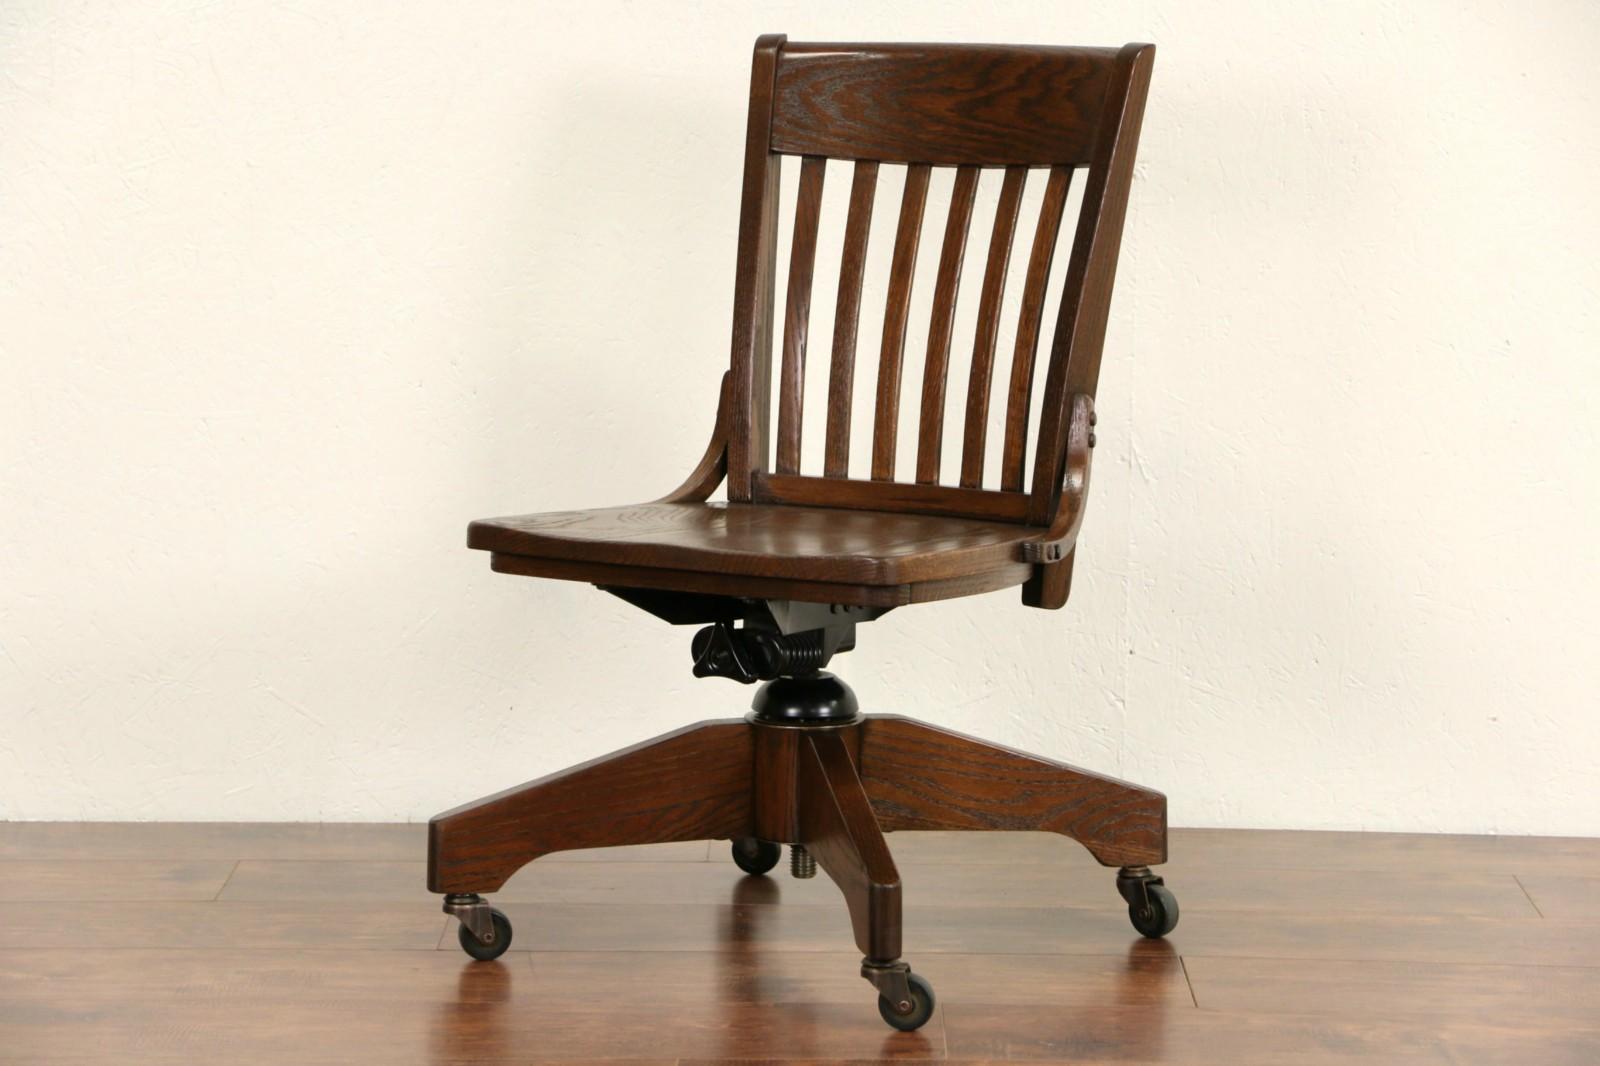 Sold swivel adjustable oak desk vintage library or